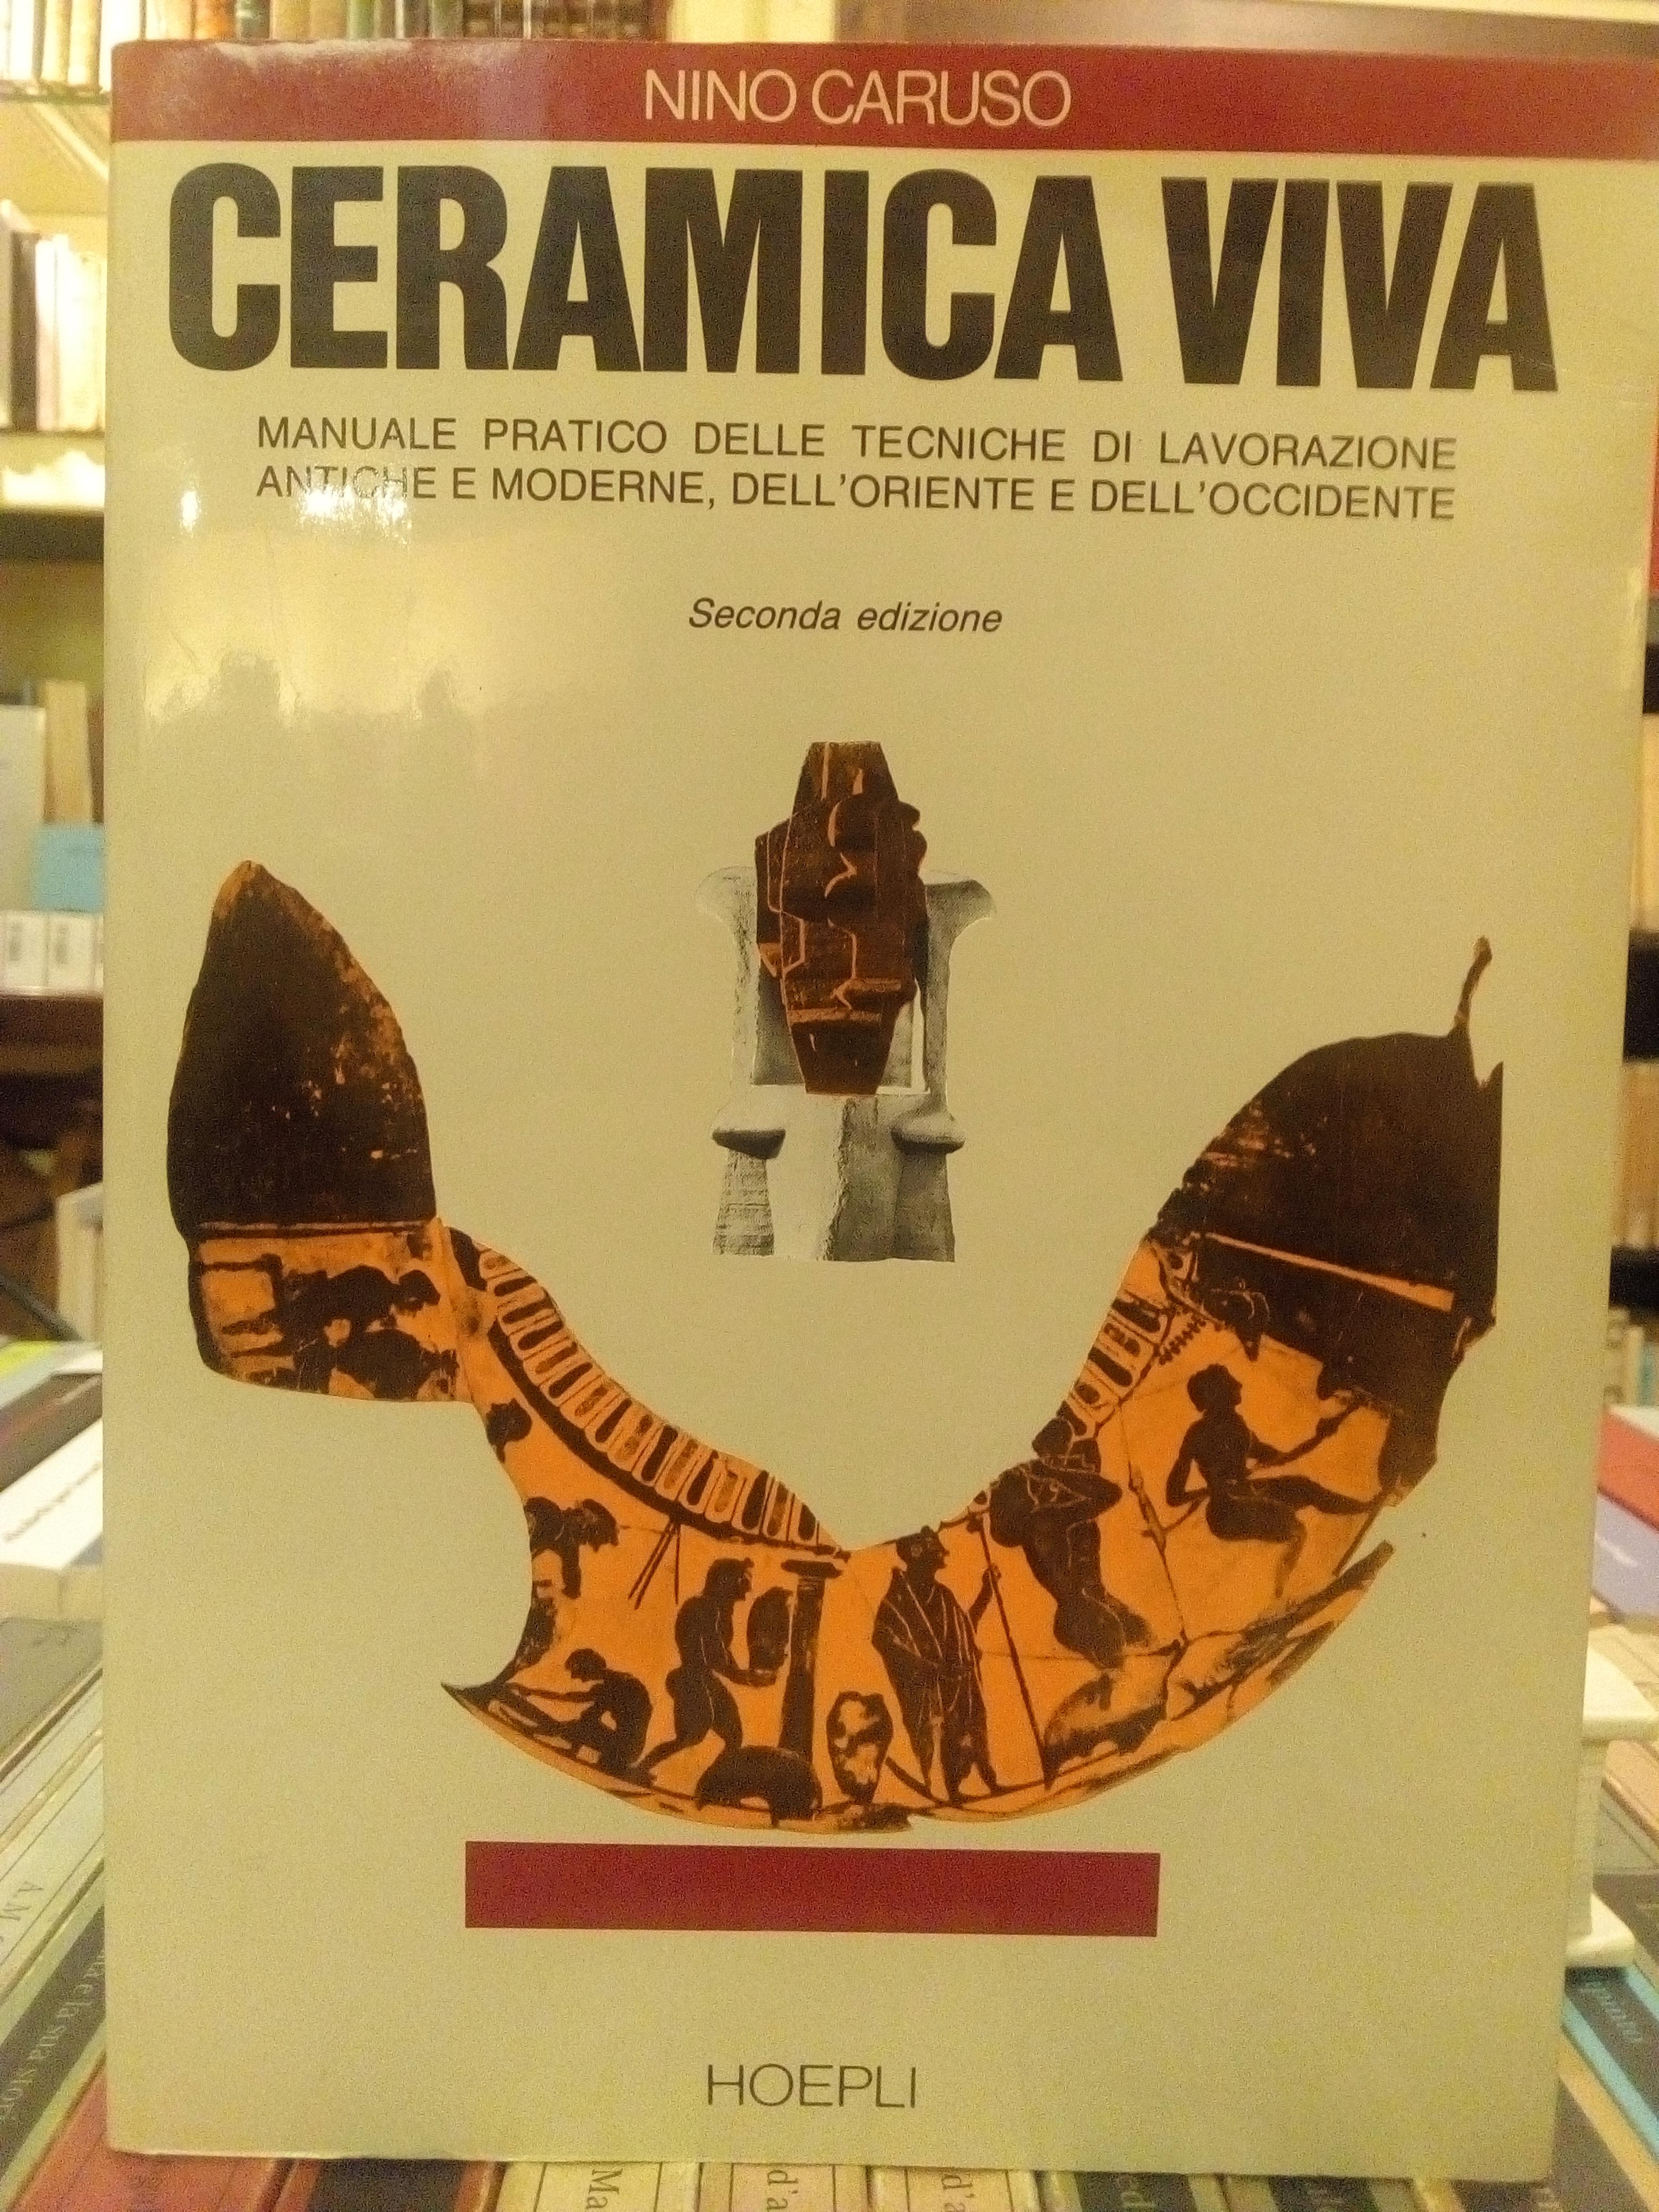 Ceramica Viva Nino Caruso.Caruso Nino Ceramica Viva Hoepli 1989 Biblio Di Bo